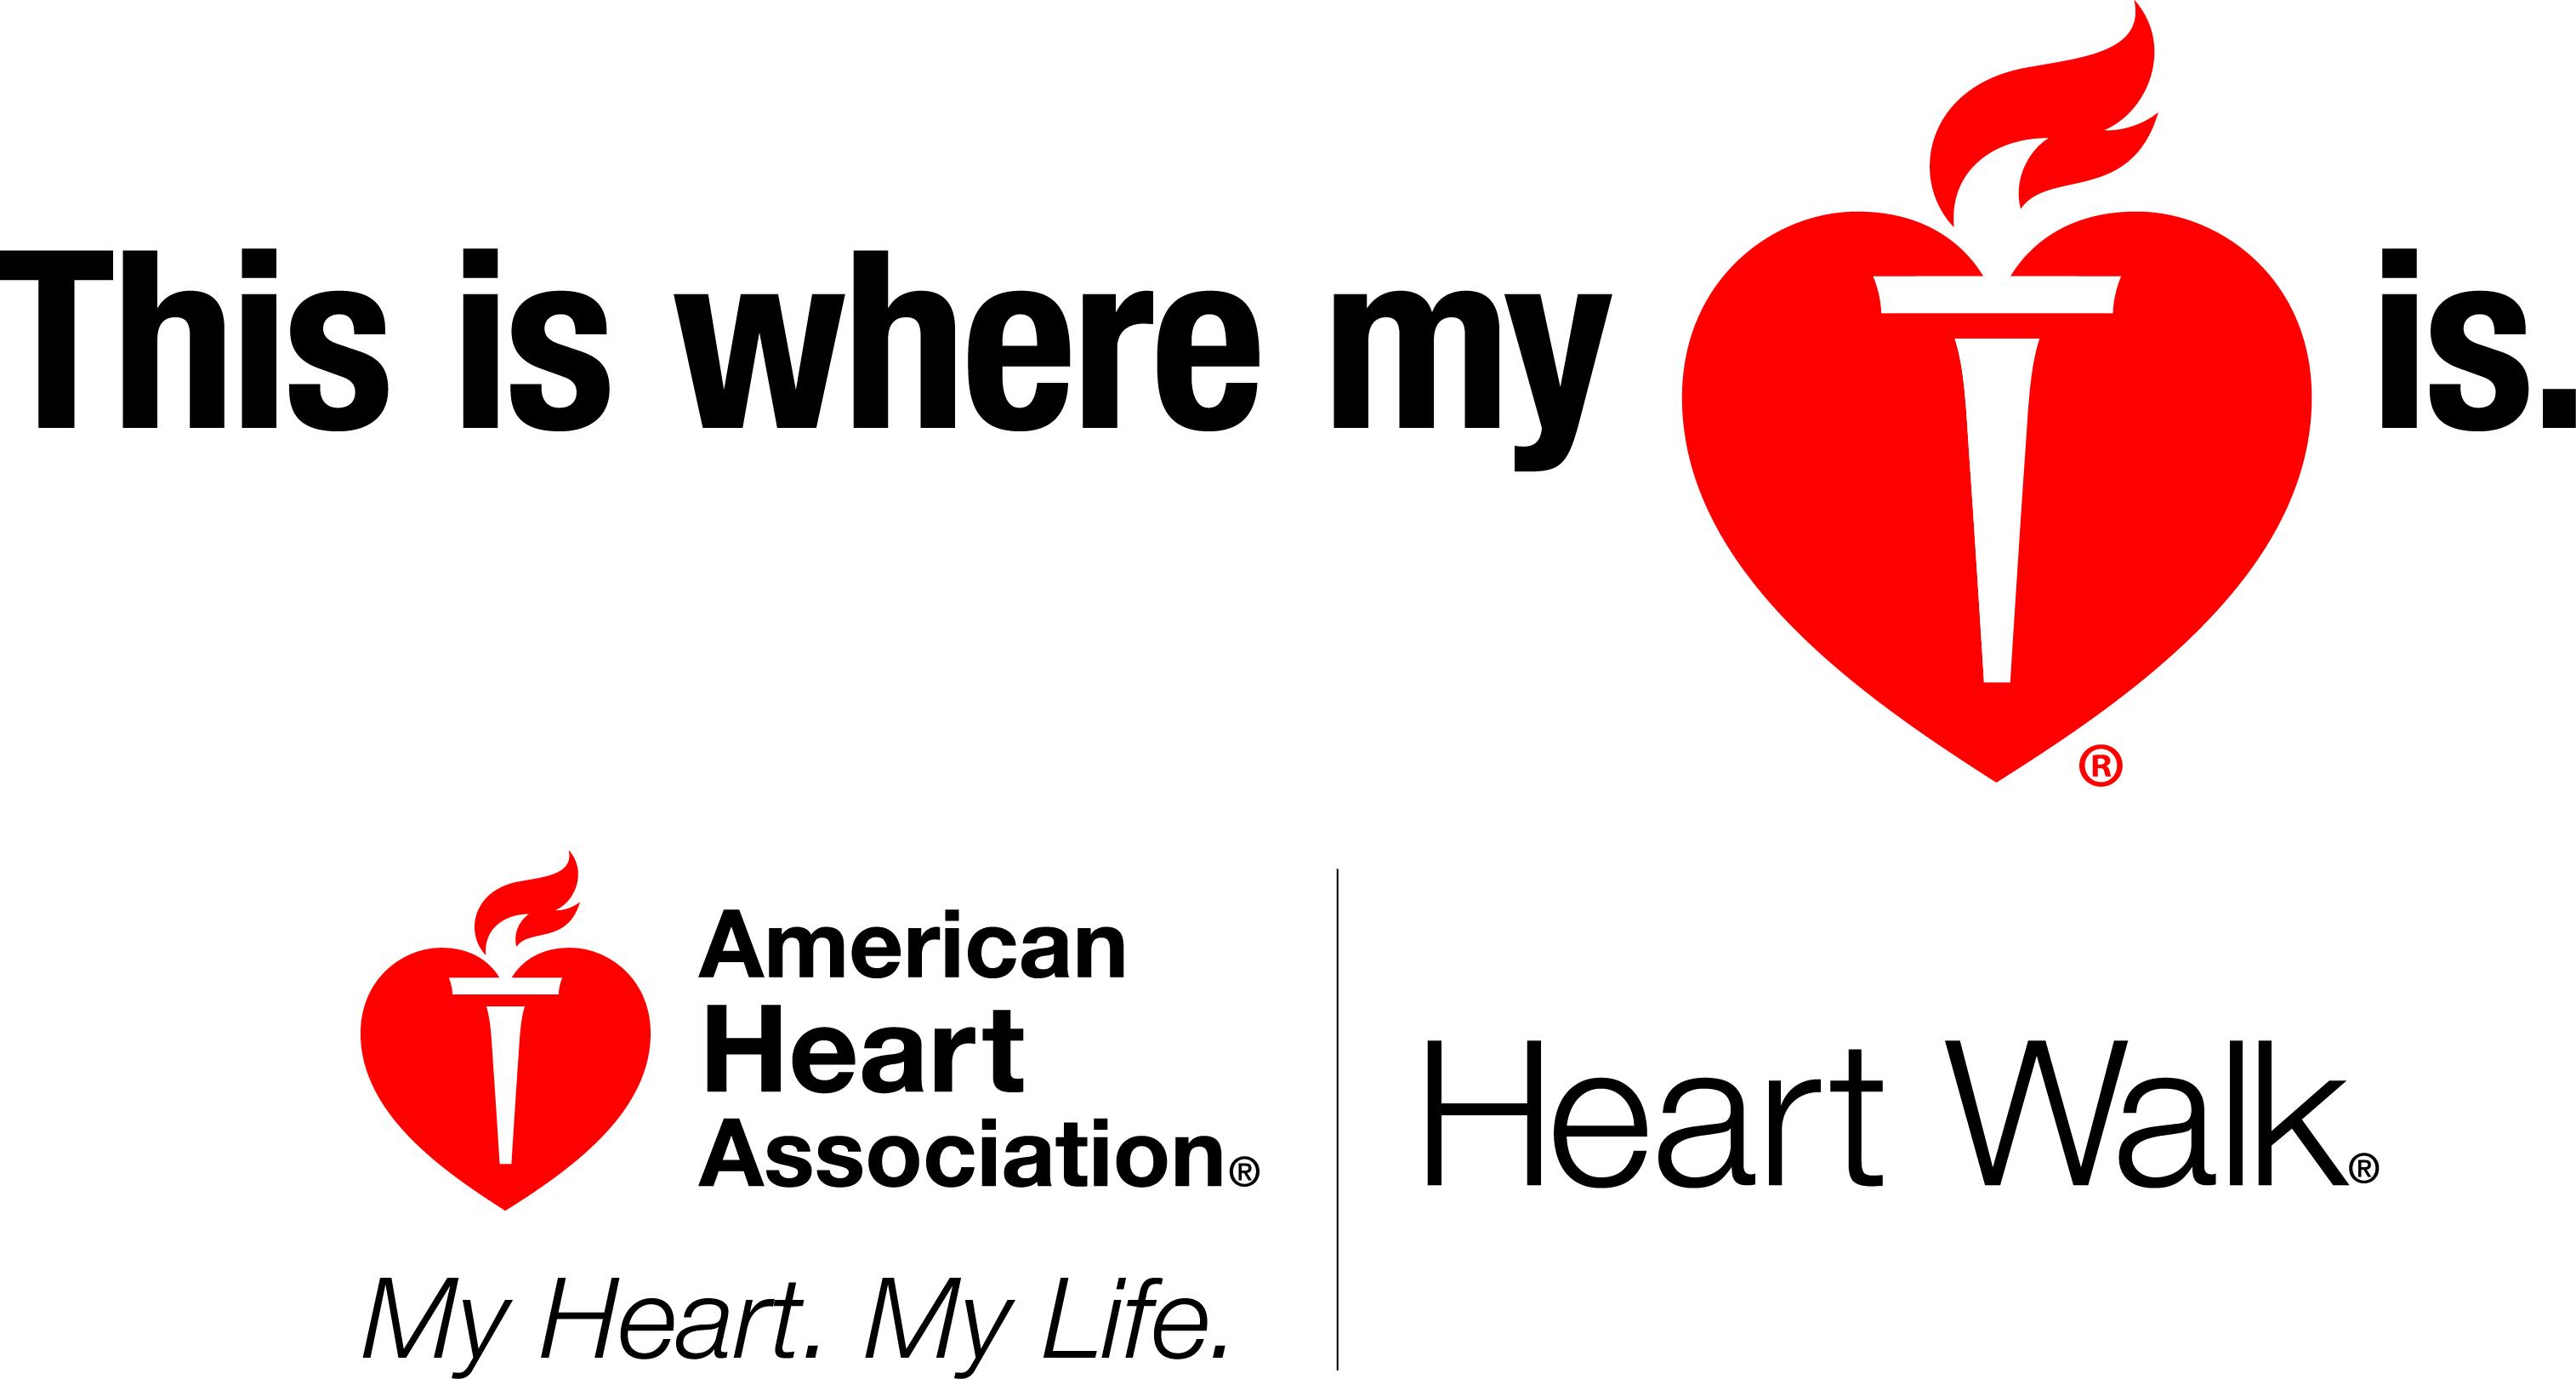 AHA Heart Walk